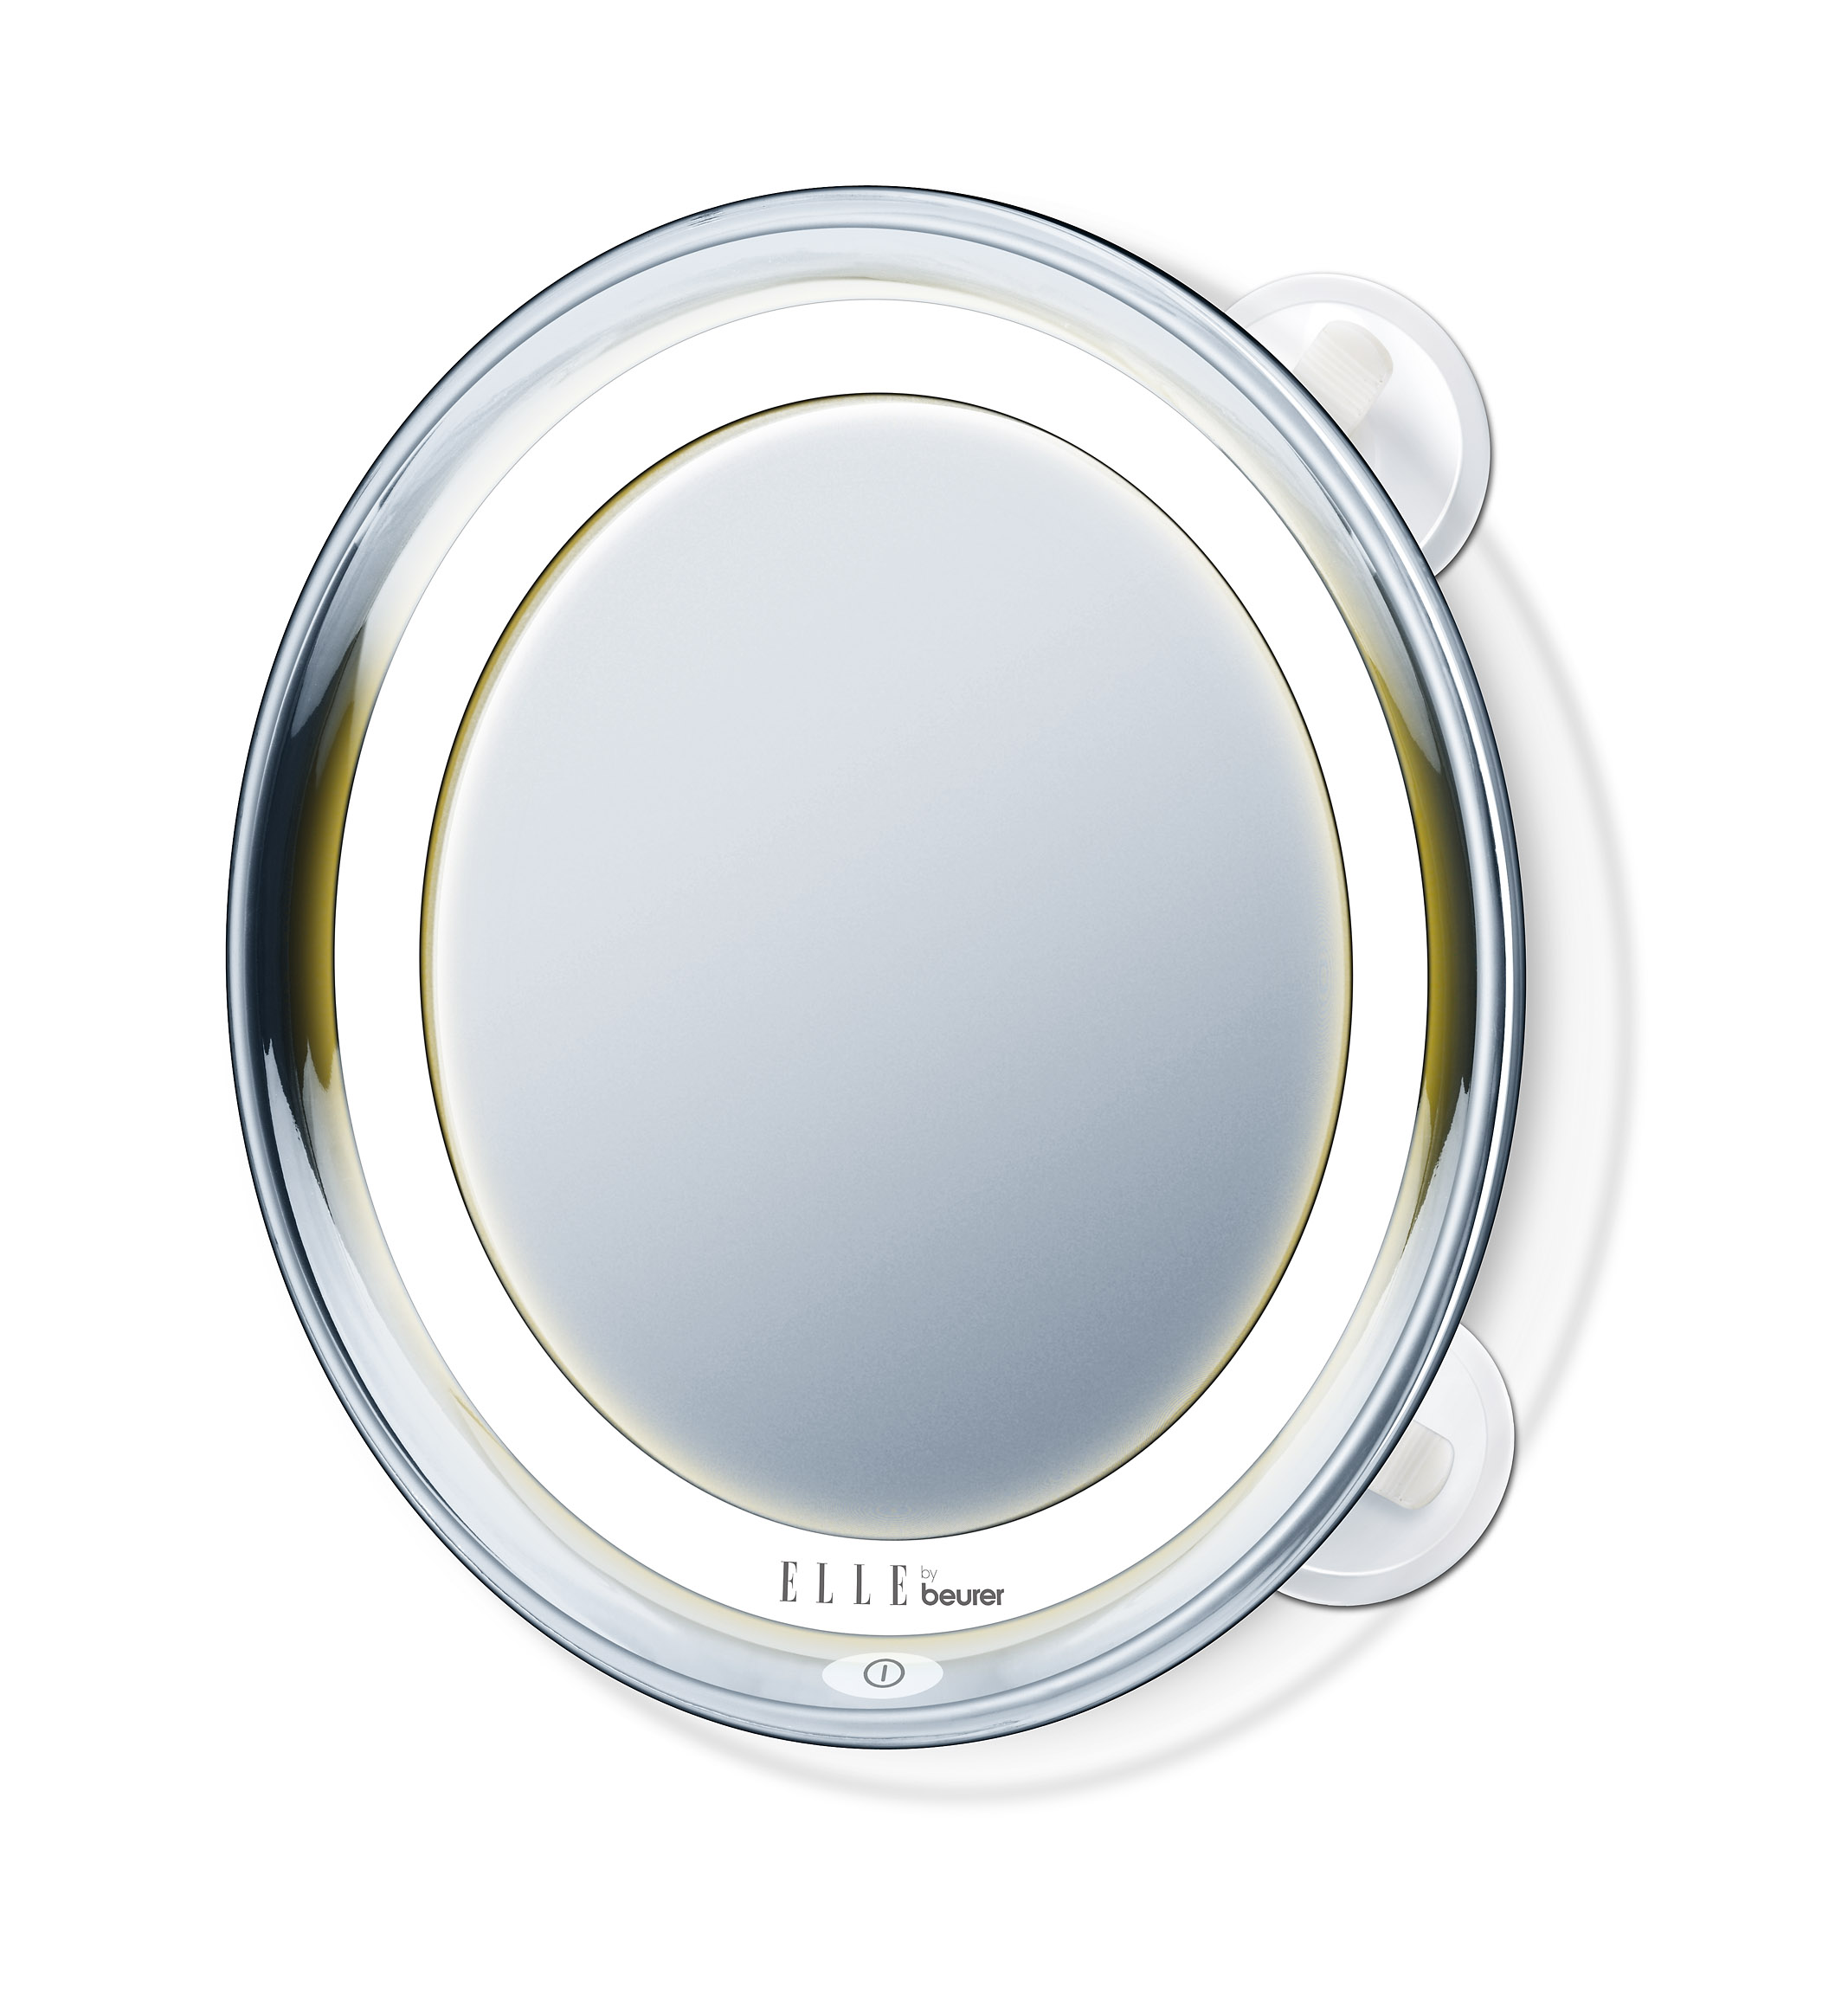 beurer fce79 beleuchteter kosmetikspiegel f r eine. Black Bedroom Furniture Sets. Home Design Ideas